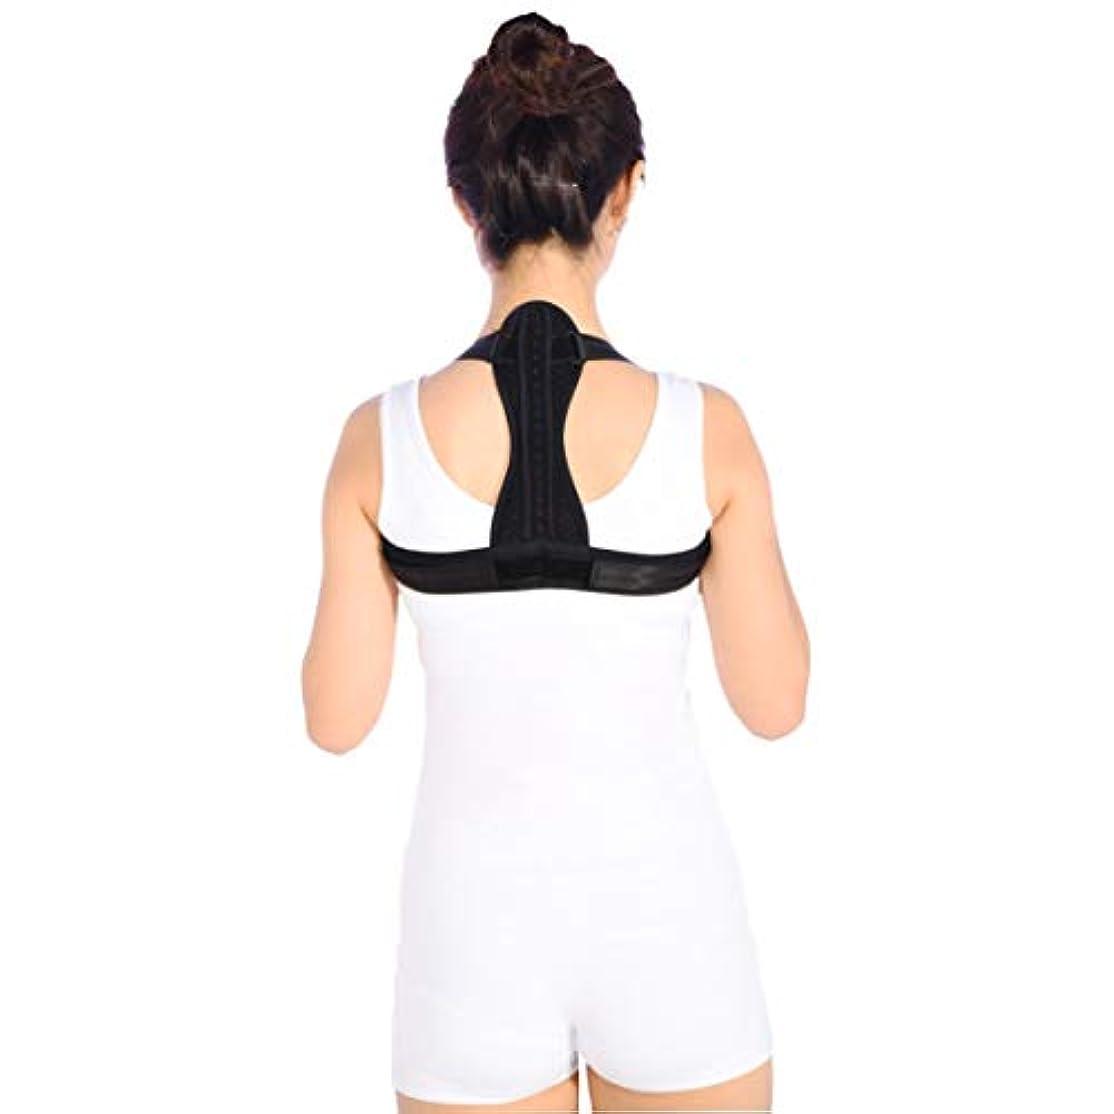 先住民引っ張るレルム通気性の脊柱側弯症ザトウクジラ補正ベルト調節可能な快適さ目に見えないベルト男性女性大人学生子供 - 黒